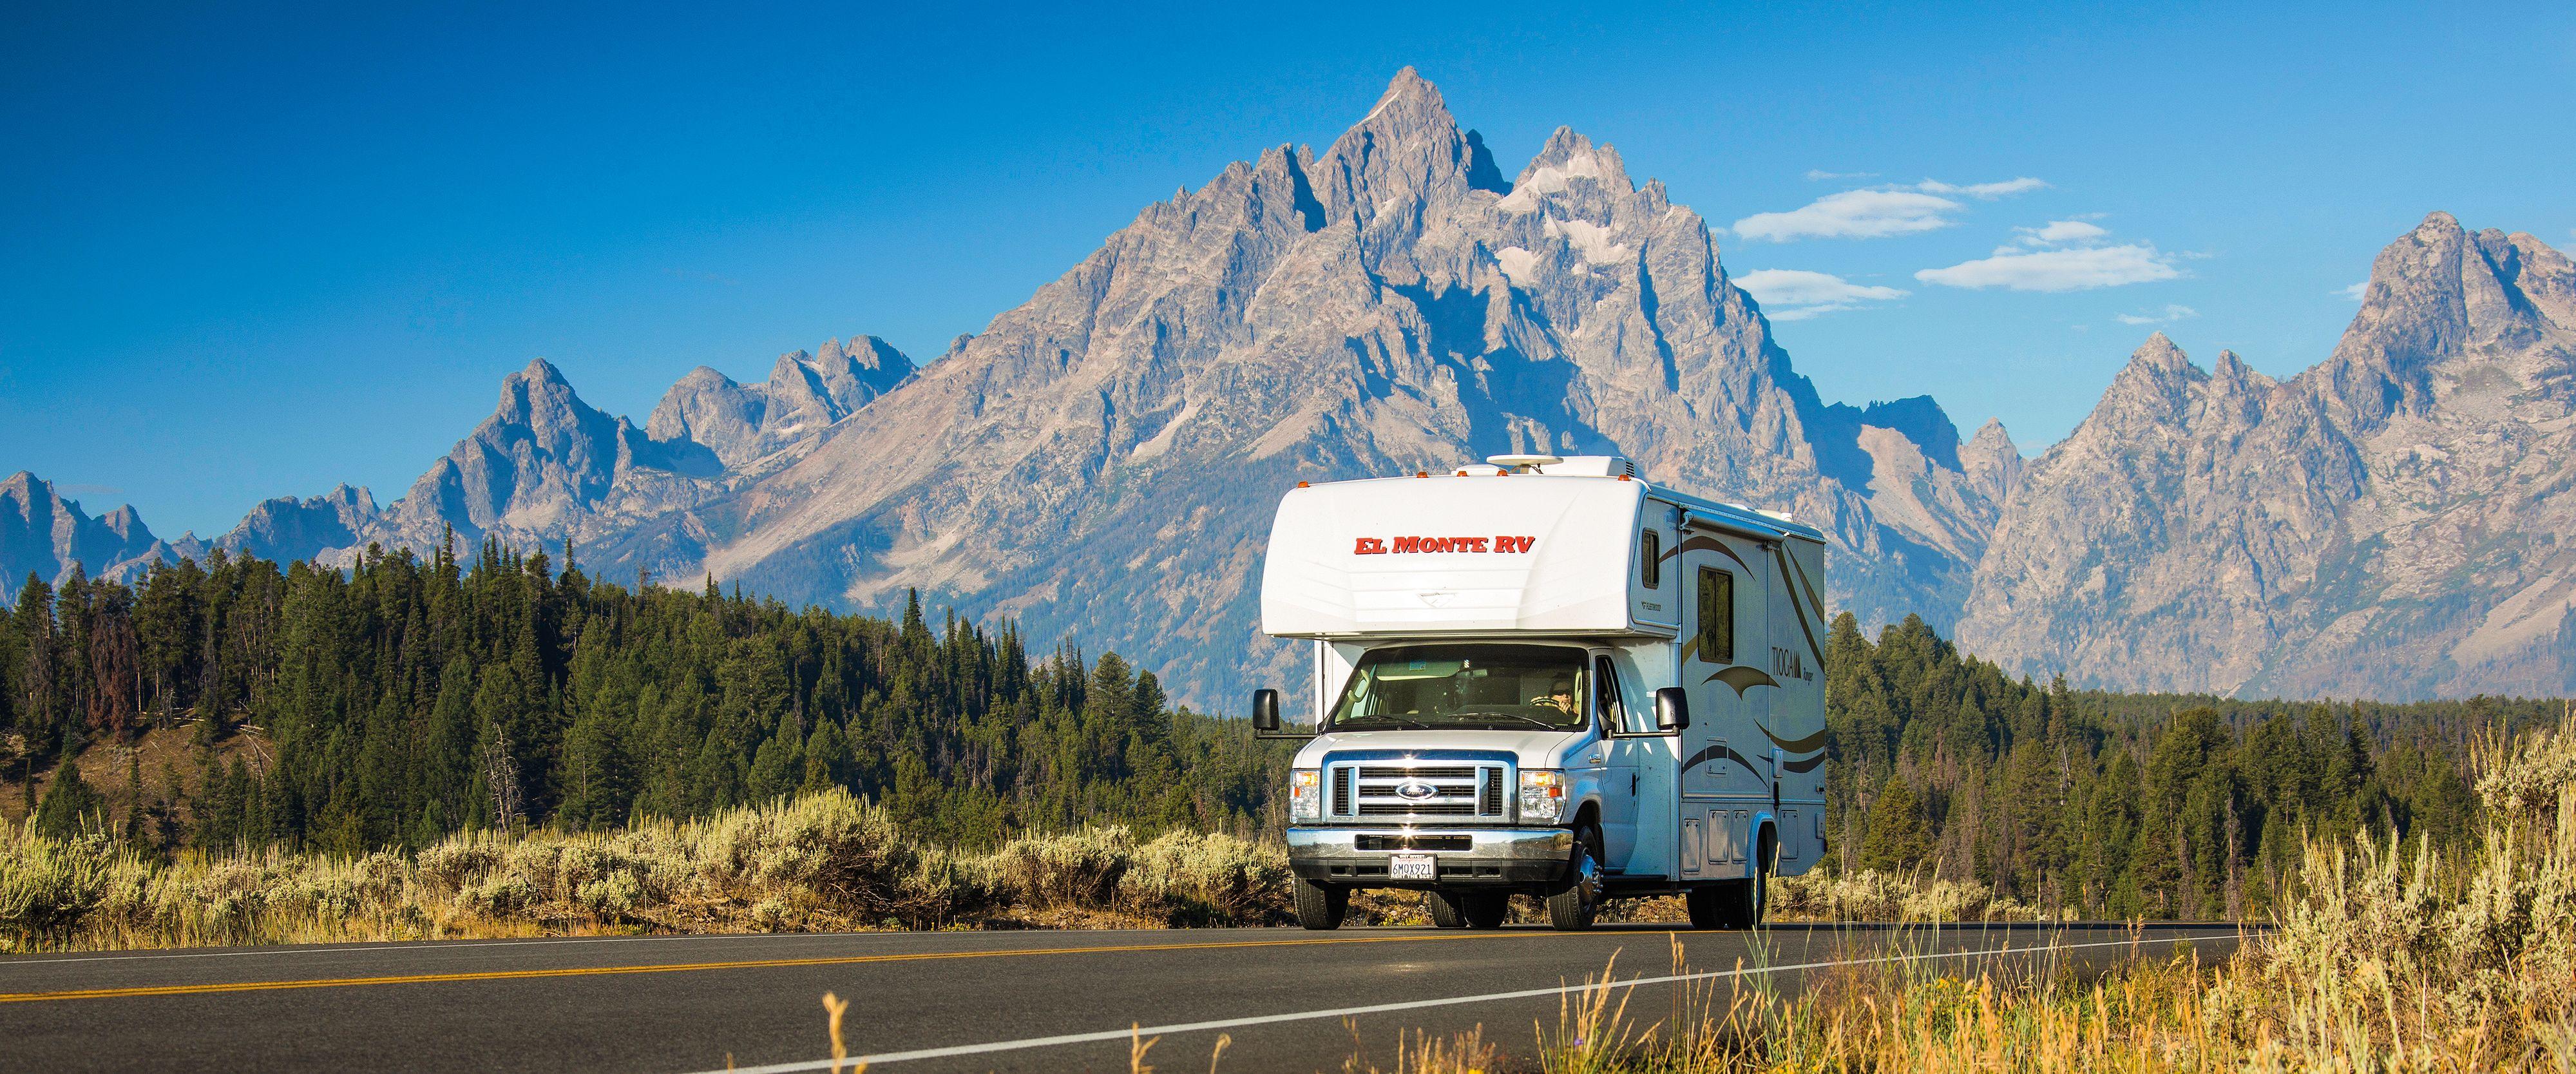 Mit El Monte im Grand Teton National Park